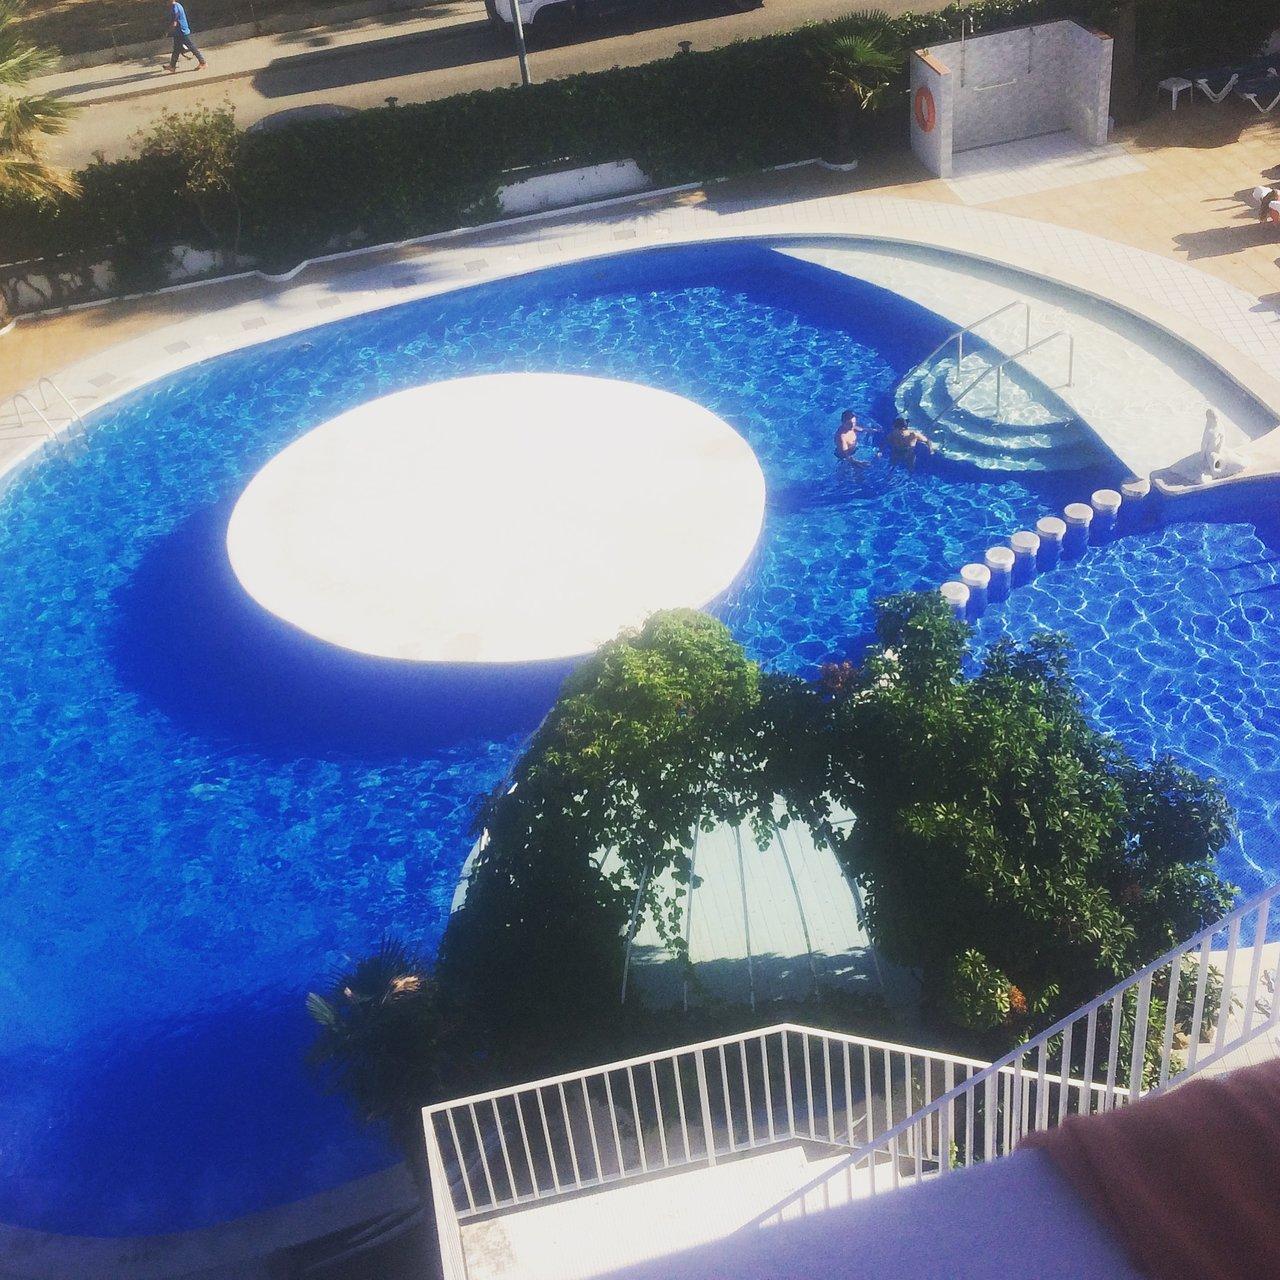 fergus paradis park prices inn reviews pineda de mar spain rh tripadvisor com